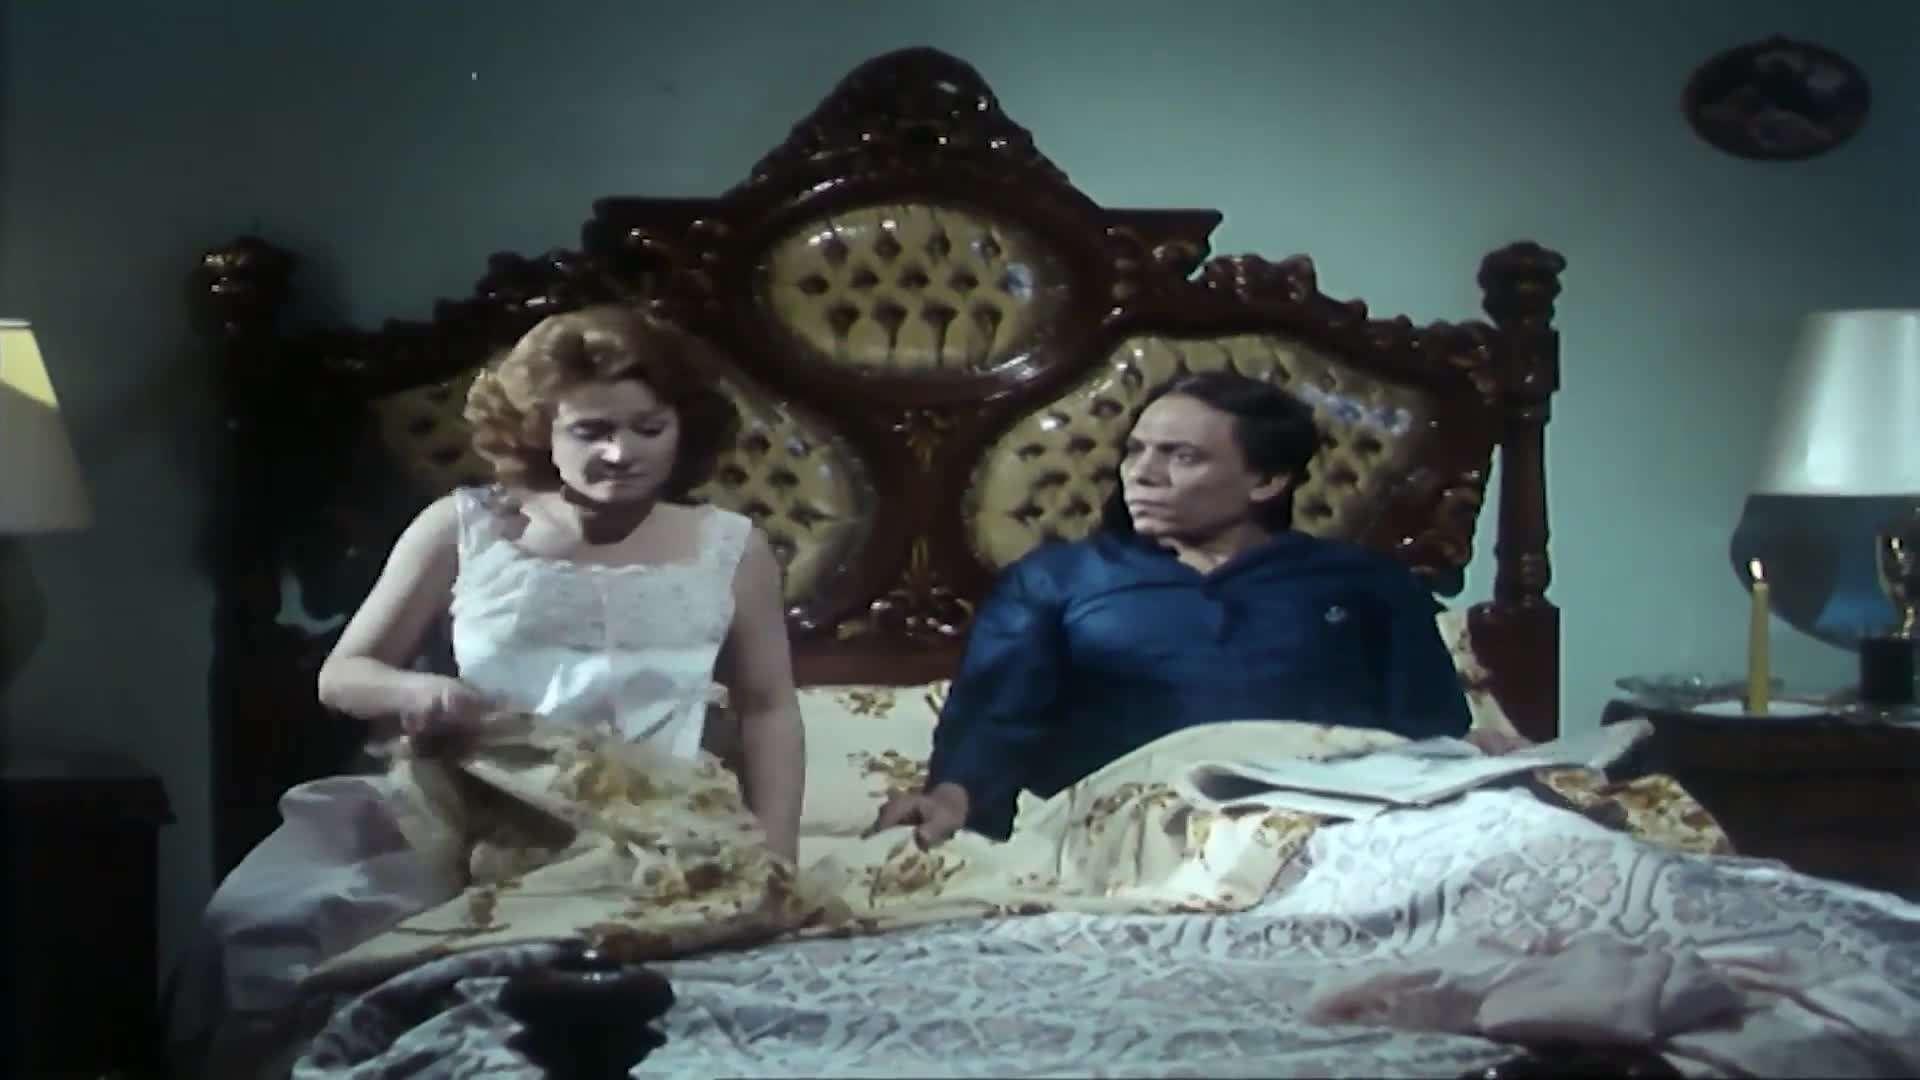 [فيلم][تورنت][تحميل][عصابة حمادة وتوتو][1982][1080p][Web-DL] 7 arabp2p.com